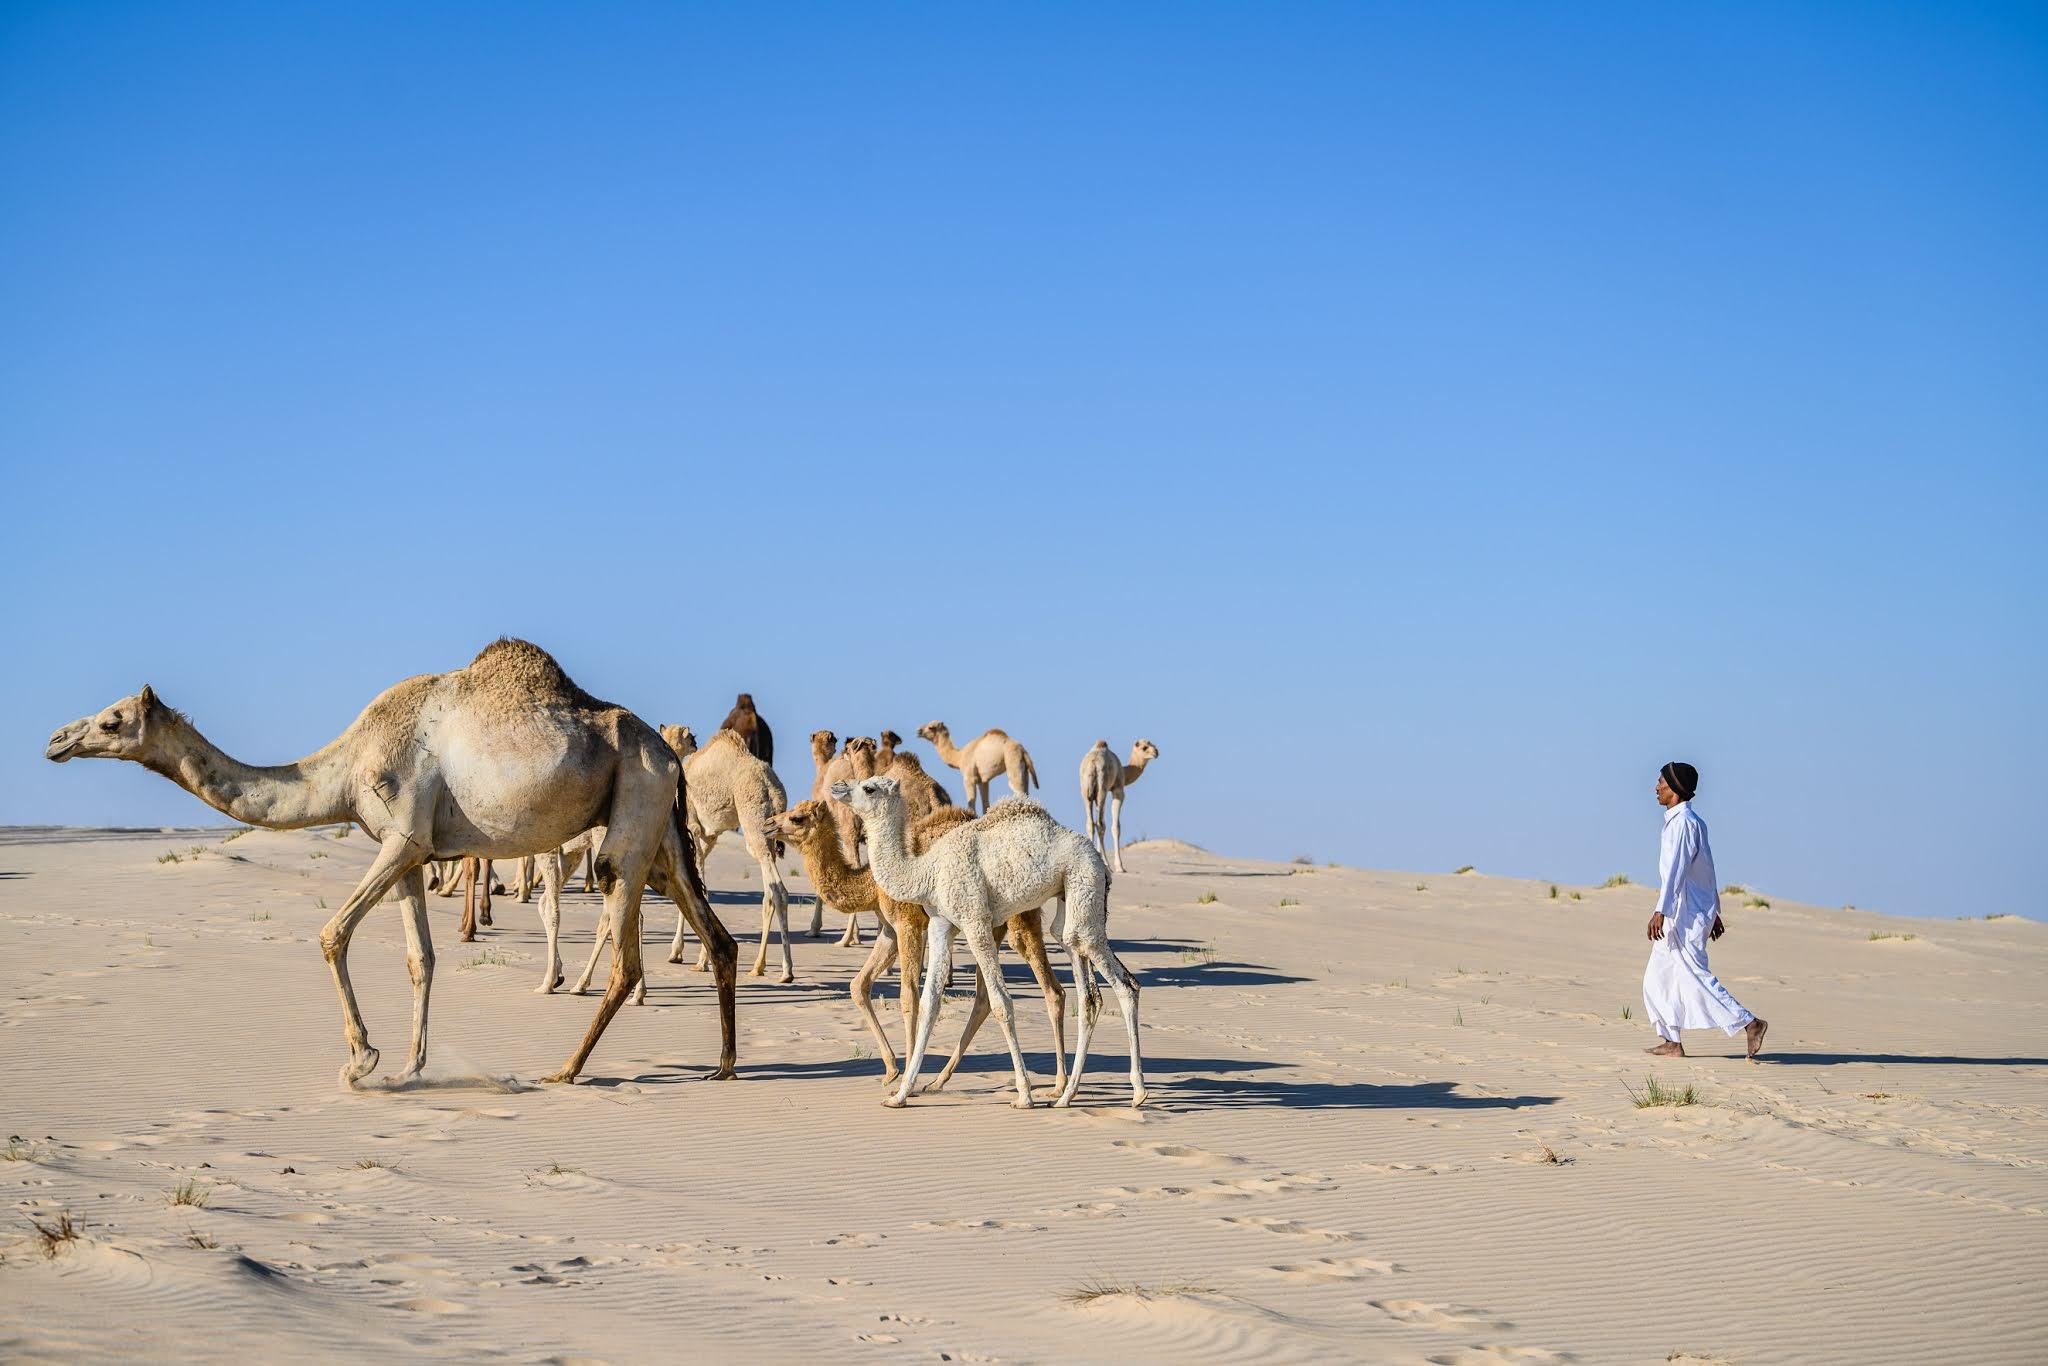 Camel calving season ends in Qatar as QNTC releases photos